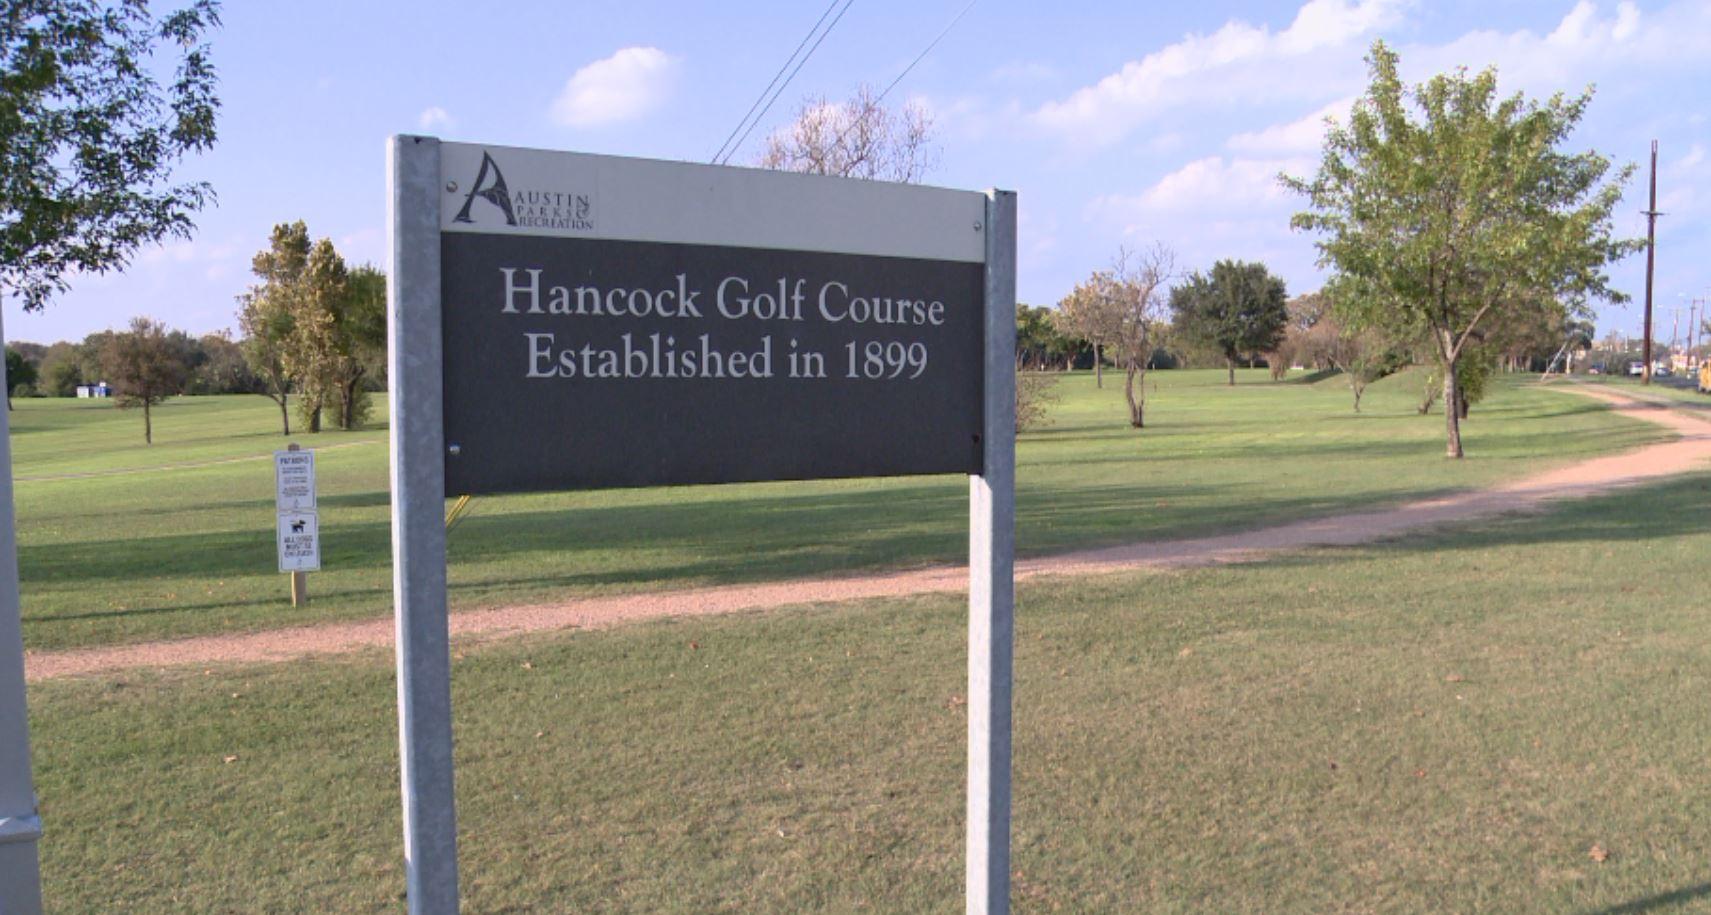 hancock golf course_585255